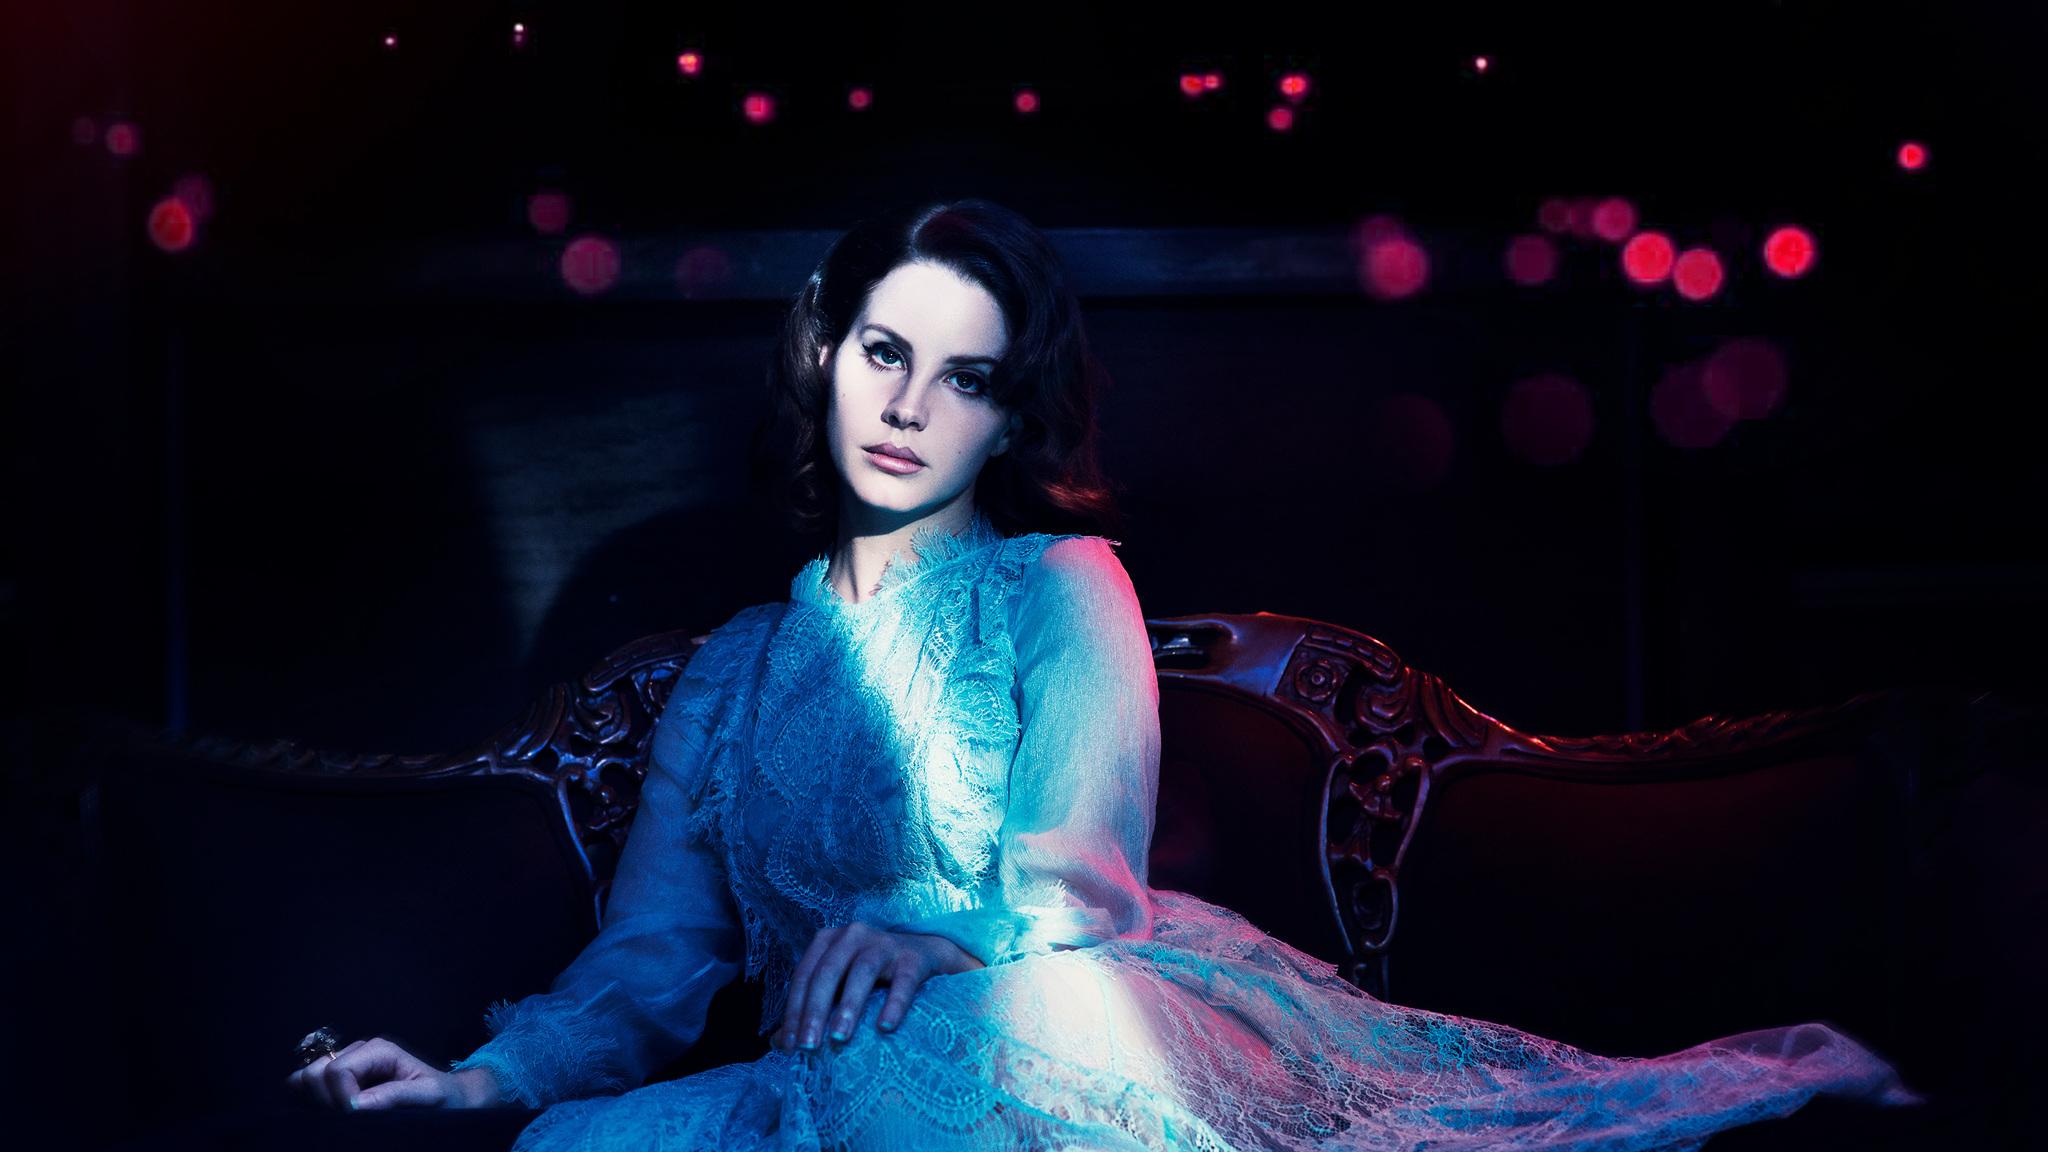 2048x1152 Lana Del Rey Complex Magazine Photoshoot 2048x1152